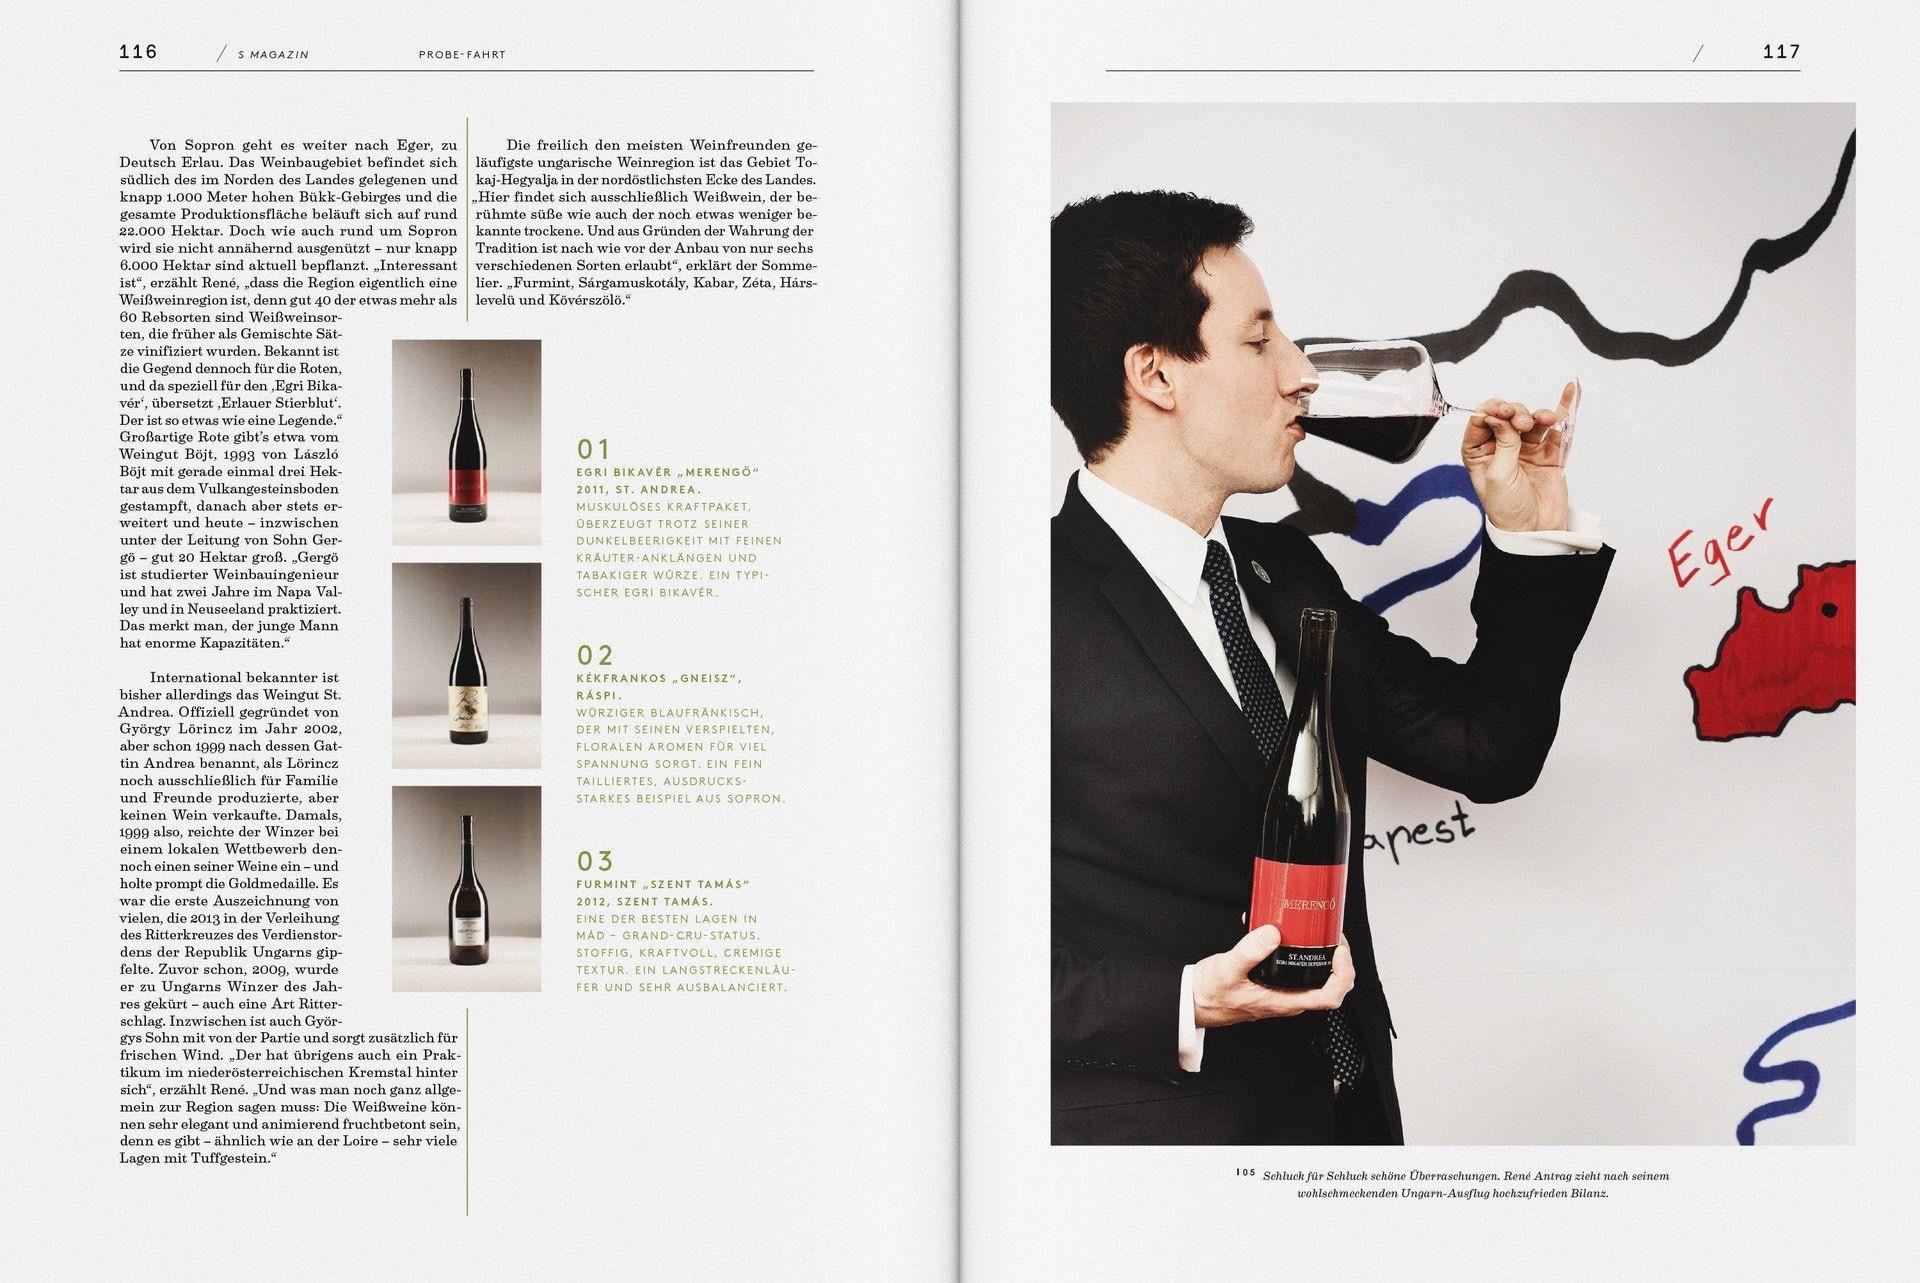 Pin by Daria Borzikova on layout | Pinterest | Magazine layouts